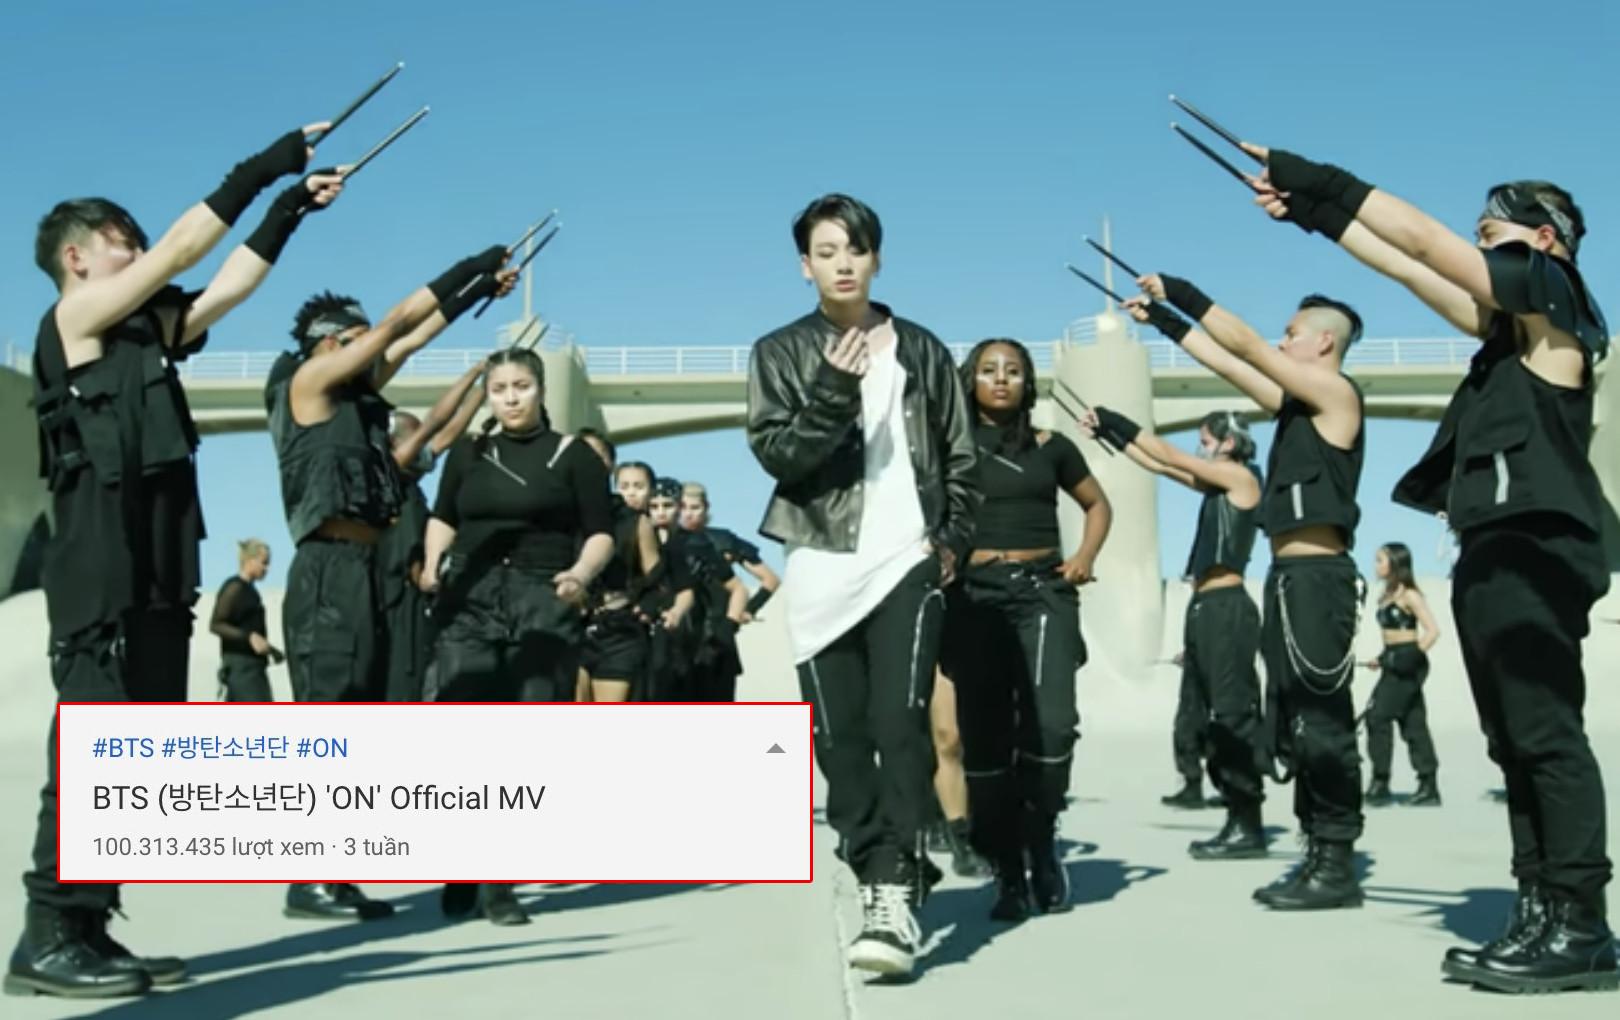 """BTS tiếp tục lập kỷ lục với MV """"ON"""" đạt 100 triệu view, tổng số lượng MV đạt được con số này cao kỷ lục"""